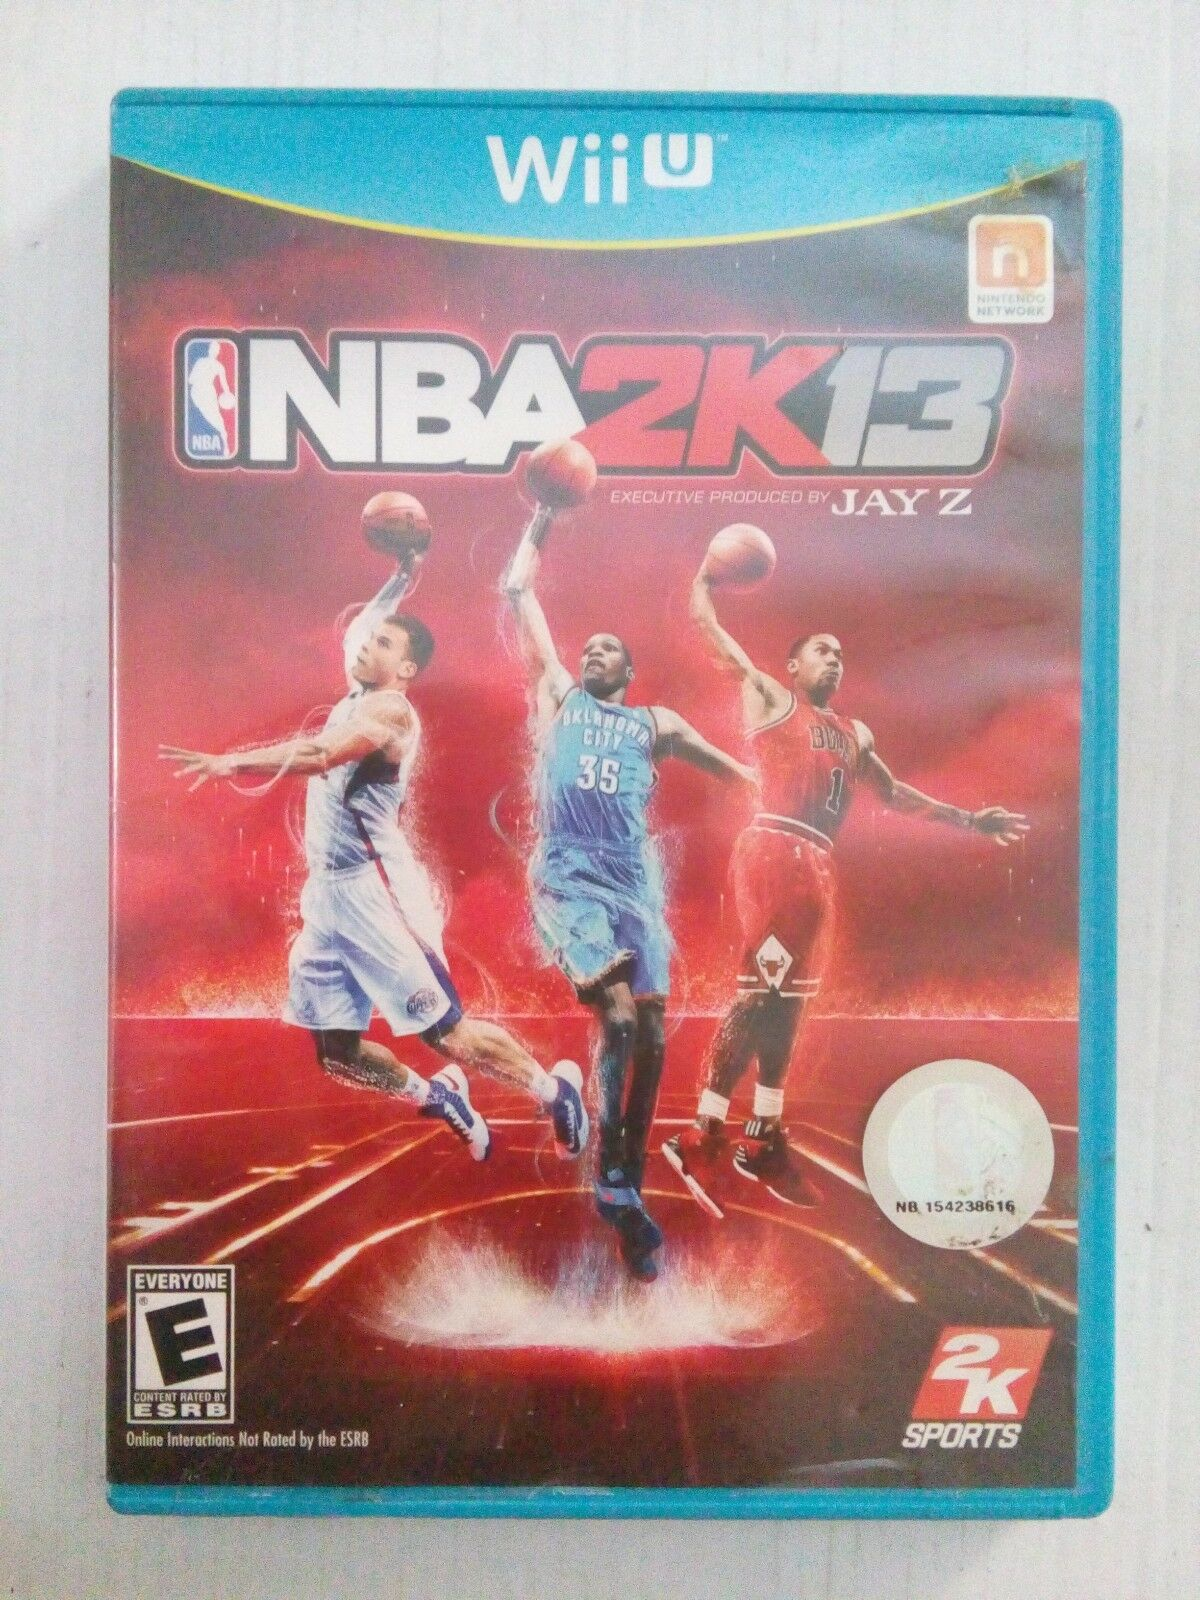 NBA 2K13 (Nintendo Wii U 9a78af3bbd640